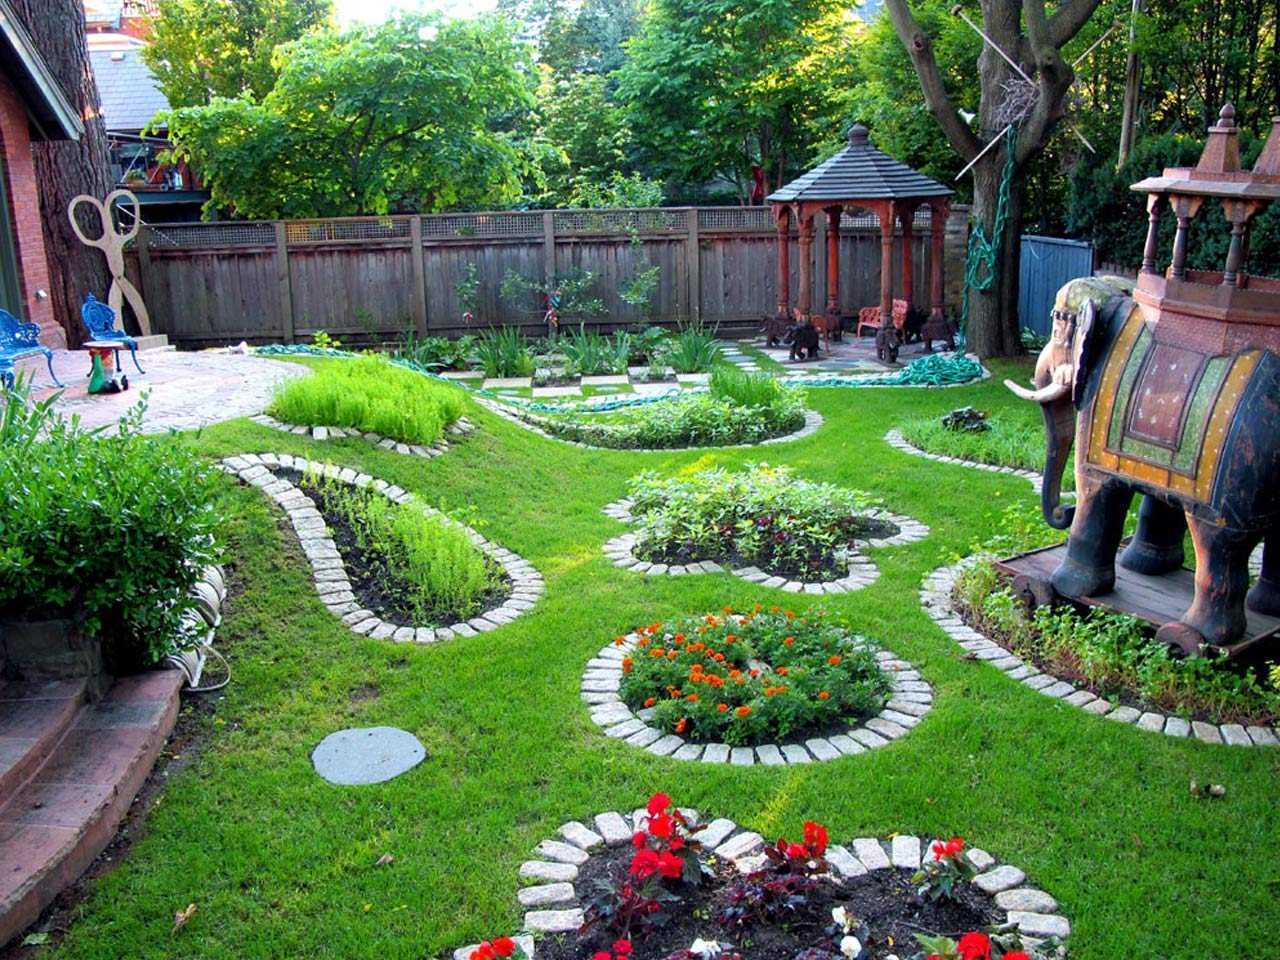 belle création de design d'une résidence d'été avec des pierres